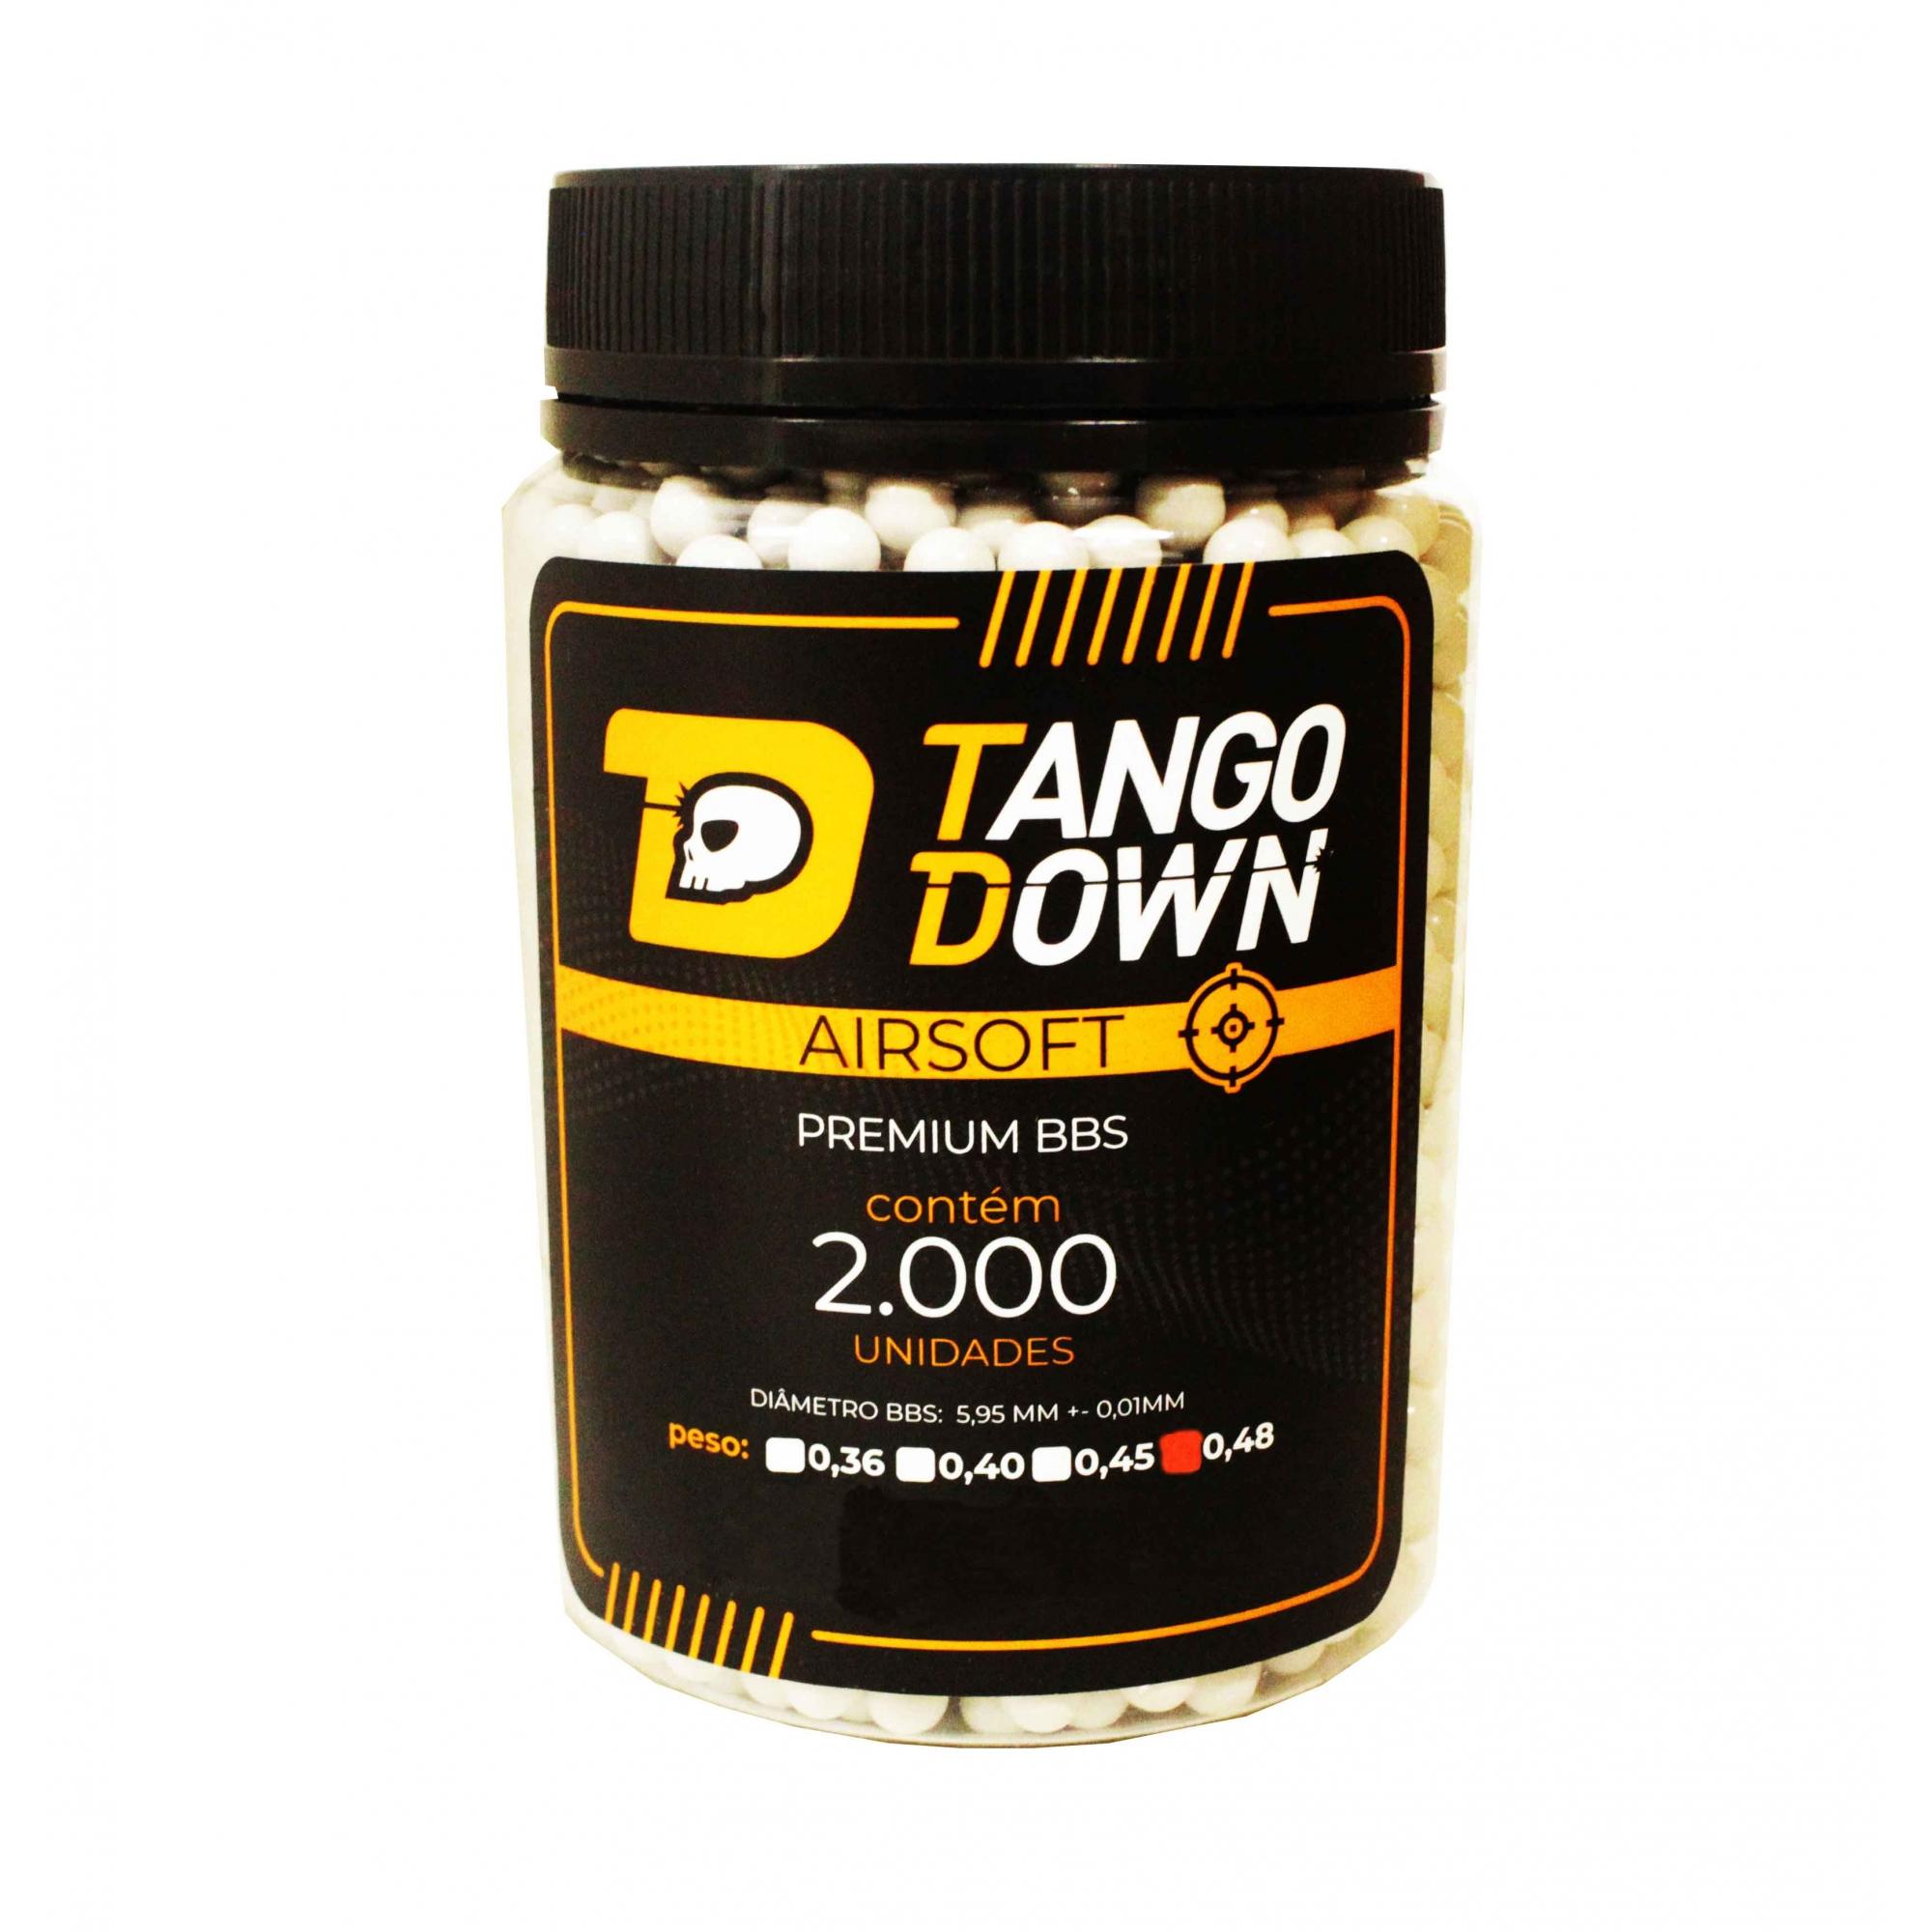 BBS Tango Down 0,48 com 2000 Unidades